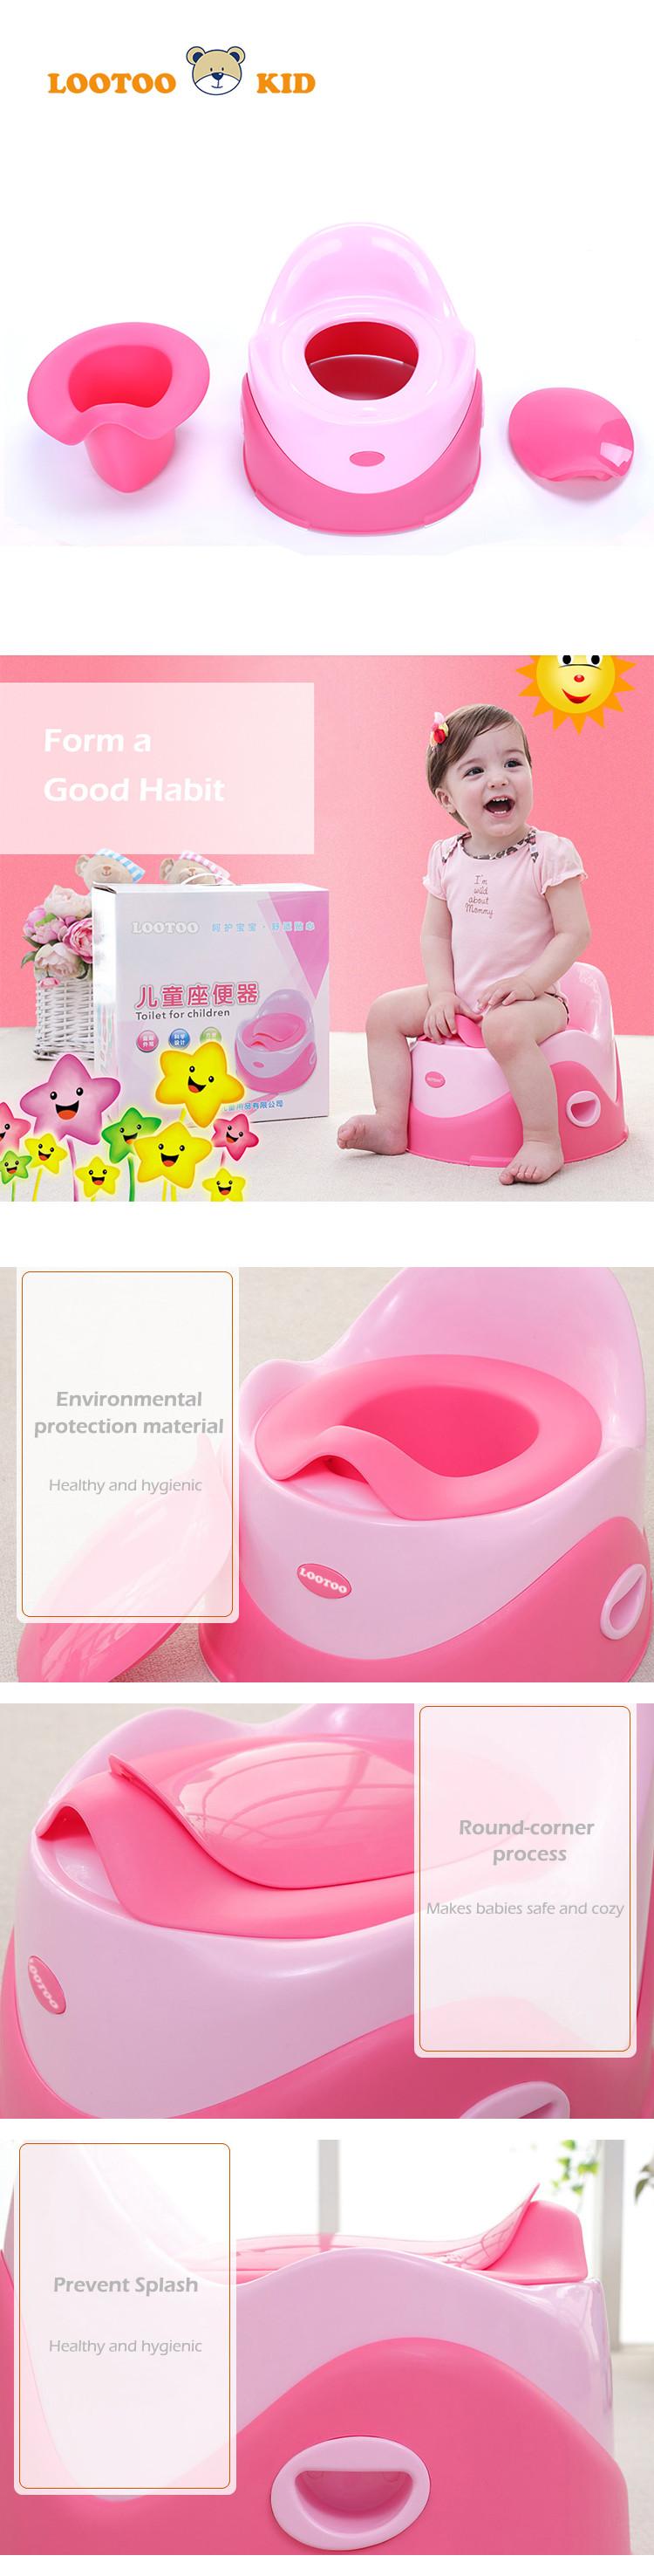 baby toilet traine